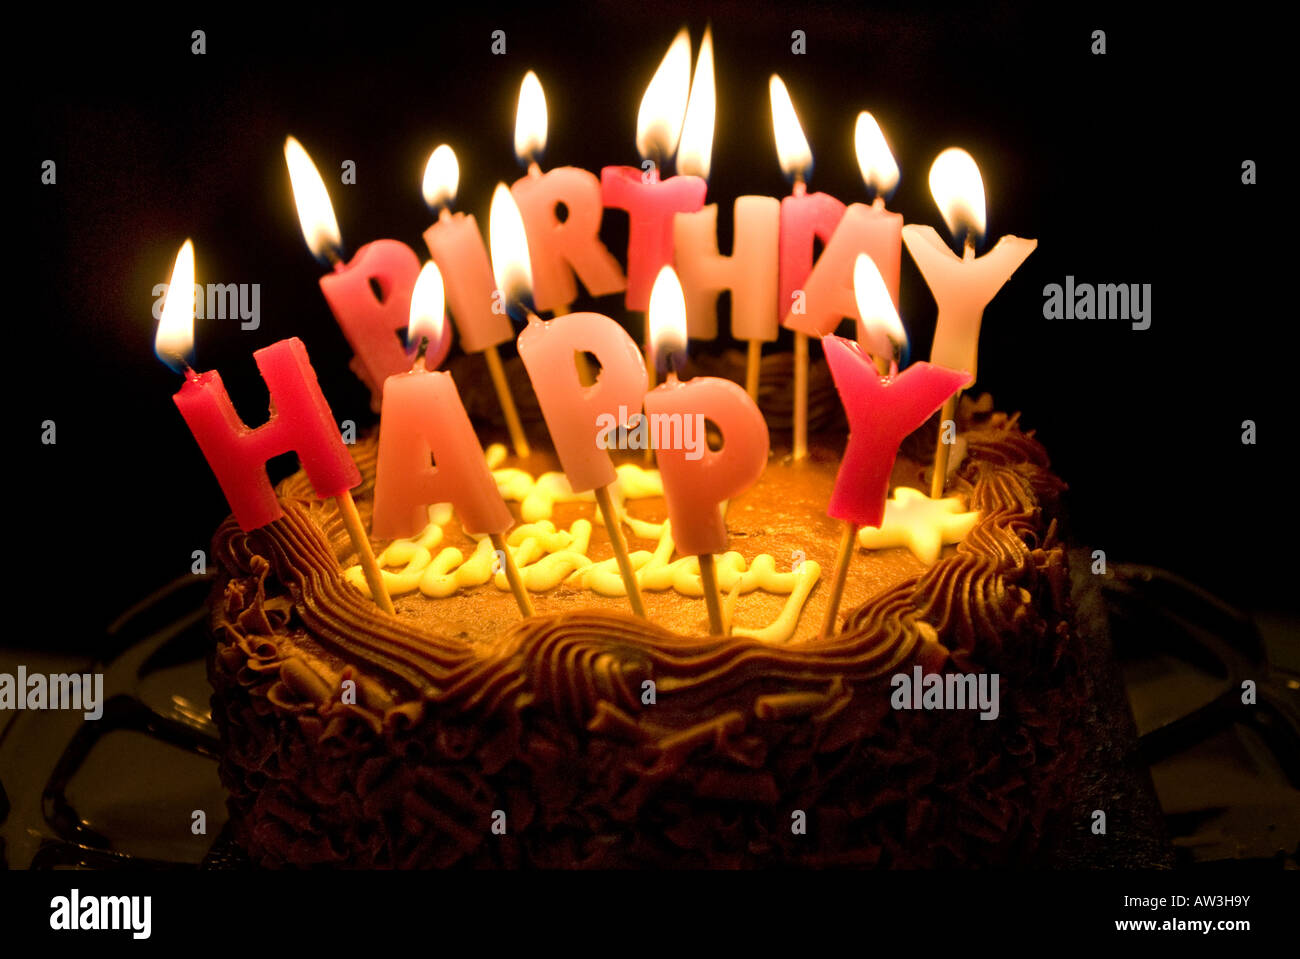 Kerzen Die Sagen Alles Gute Zum Geburtstag Auf Einen Schokoladenkuchen Stockbild